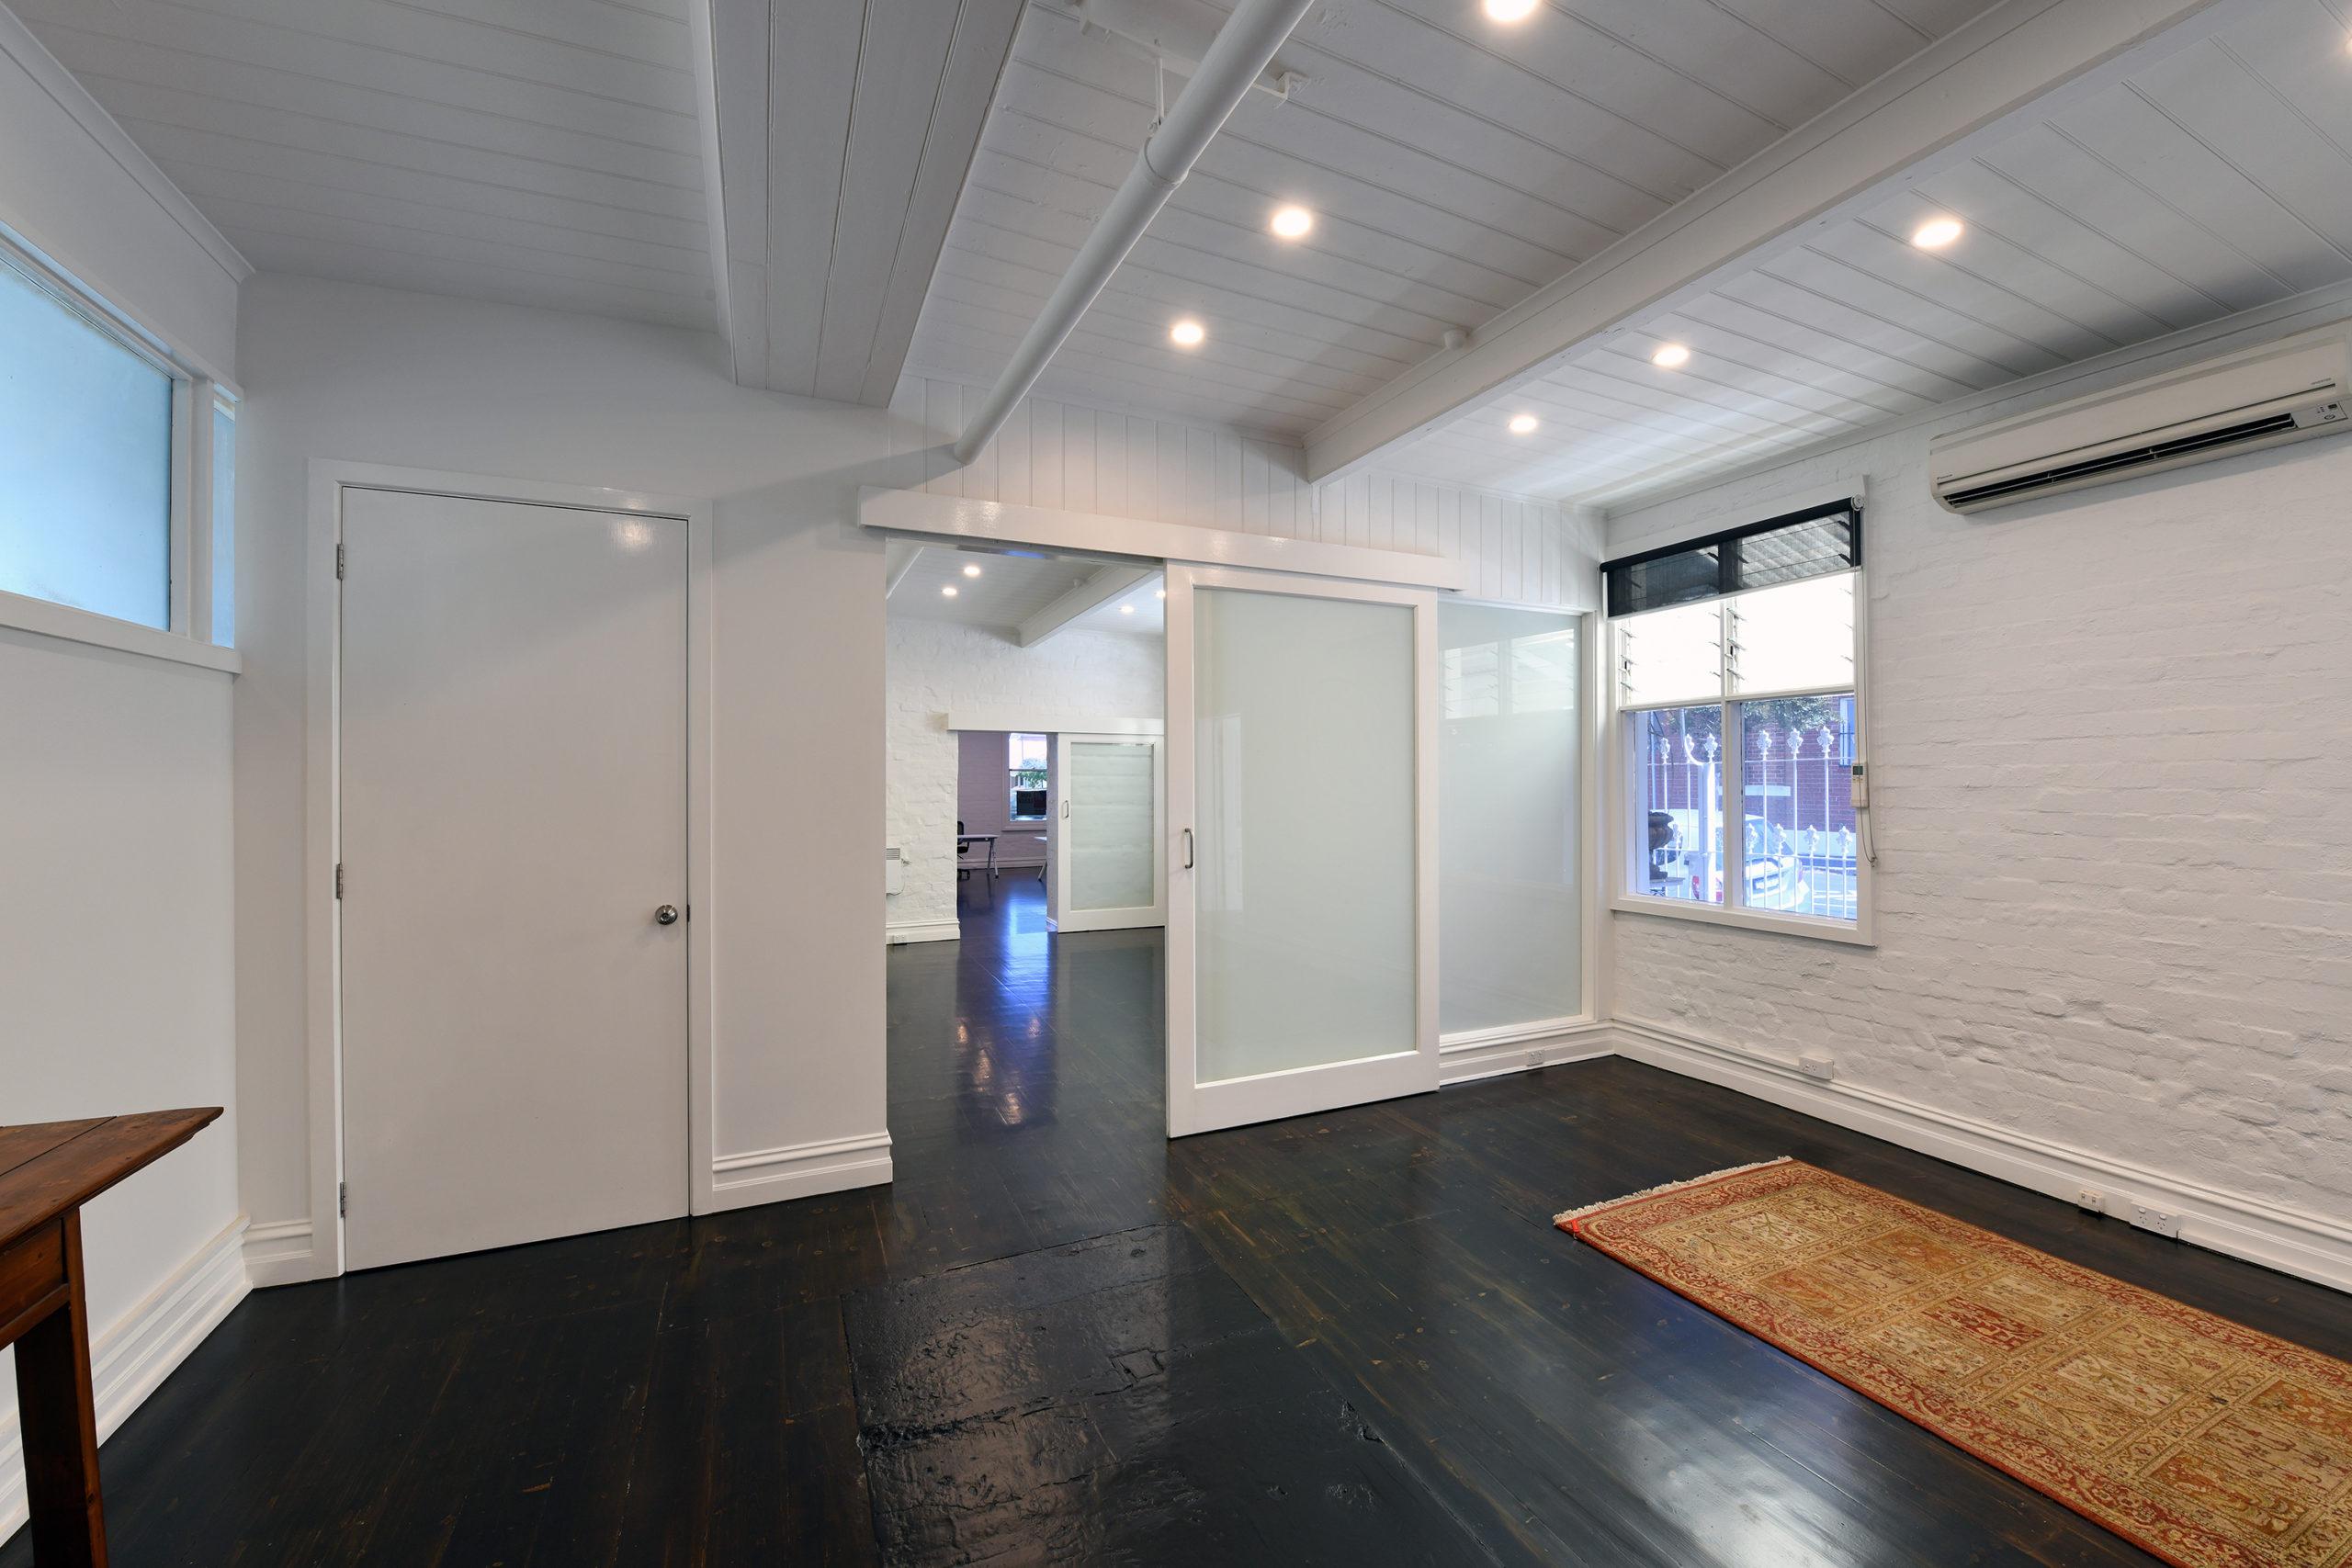 229 Lennox Street - Inside